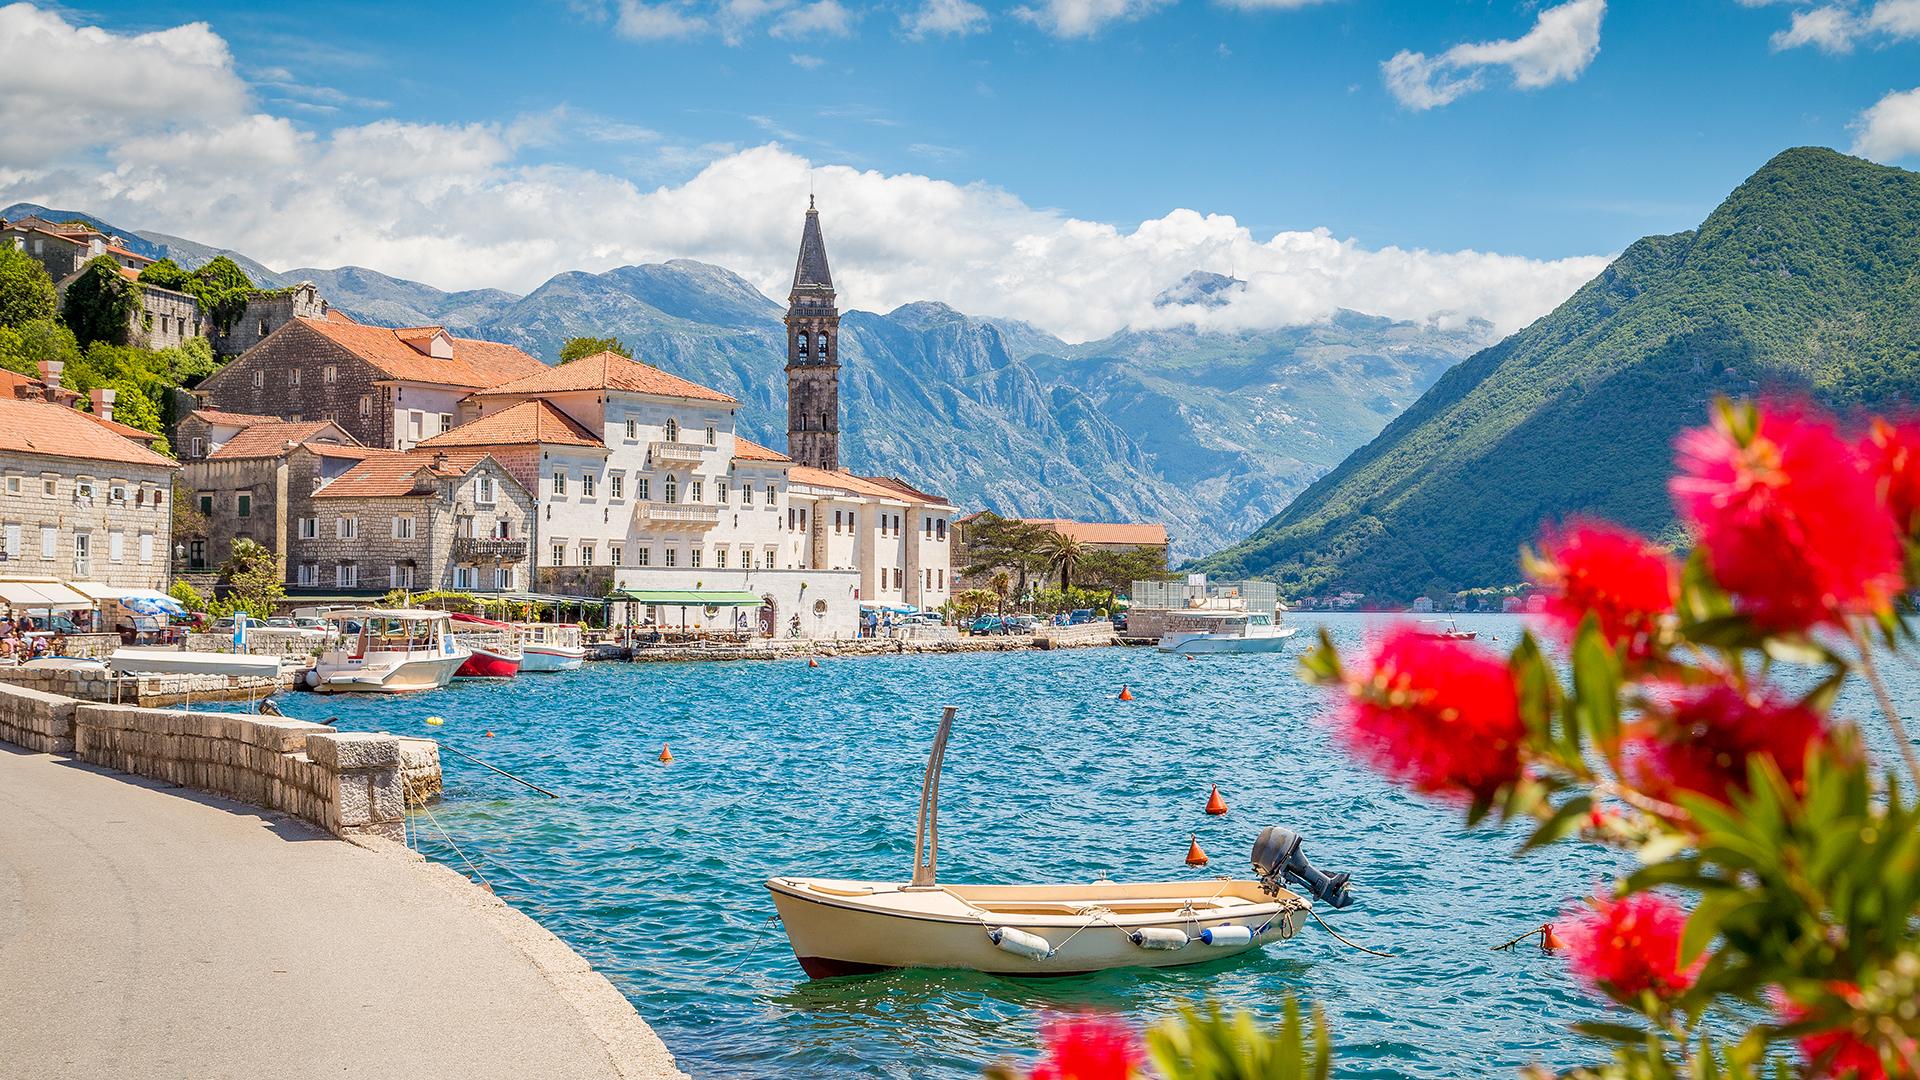 Ni siquiera hay 300 km de punta a punta, pero la costa de Montenegro se encuentra entre algunos de los paisajes costeros más espectaculares de Europa. Las montañas sobresalen bruscamente de las aguas cristalinas y las antiguas ciudades amuralladas se aferran a las rocas y sumergen sus pies en el agua como si fueran viajeros